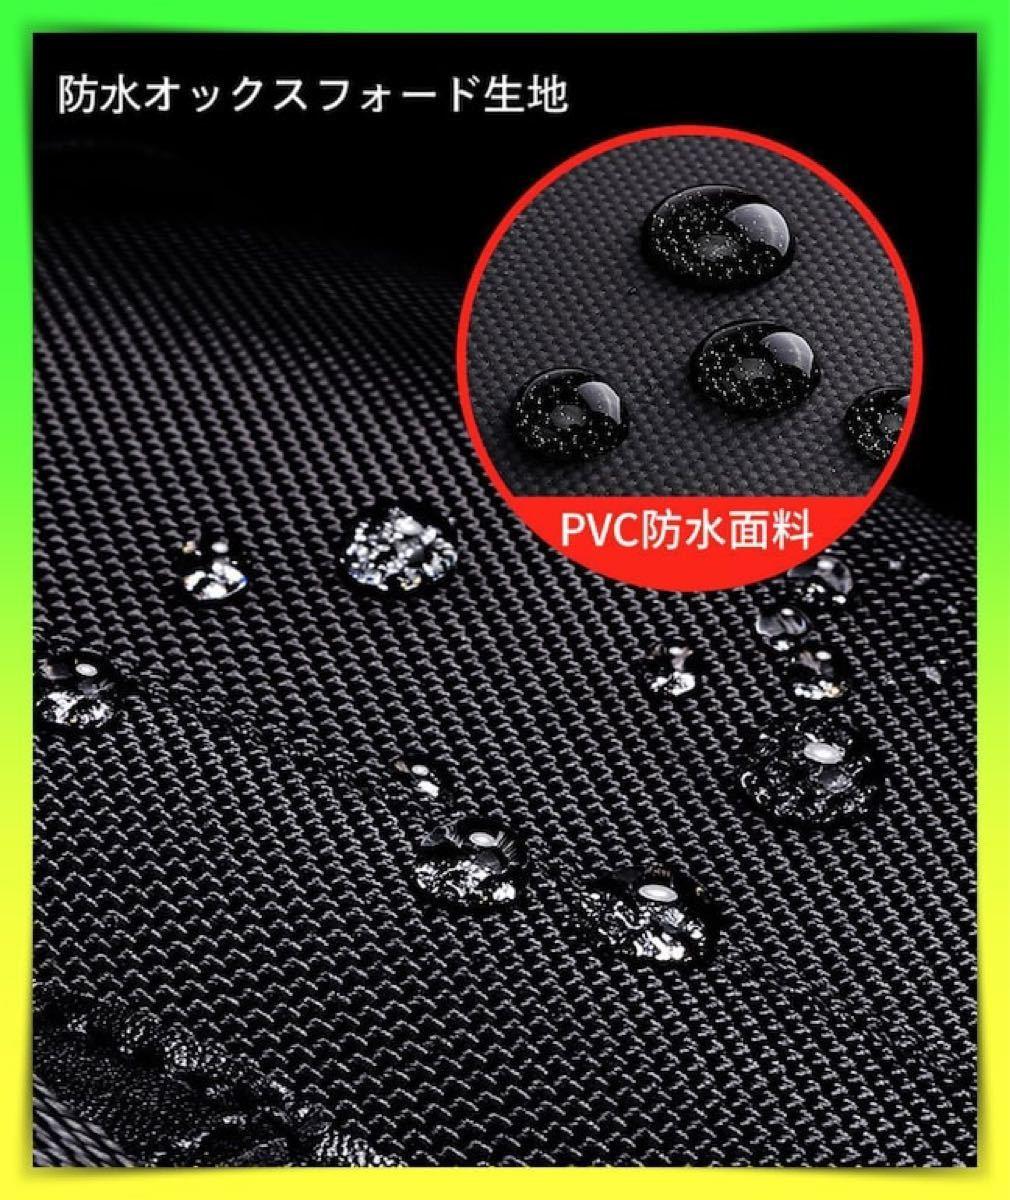 新品 特価! ボディバッグ グレー メンズ 大容量 ワンショルダー 防水 USB充電ポートiPad収納 発送24時間以内!!